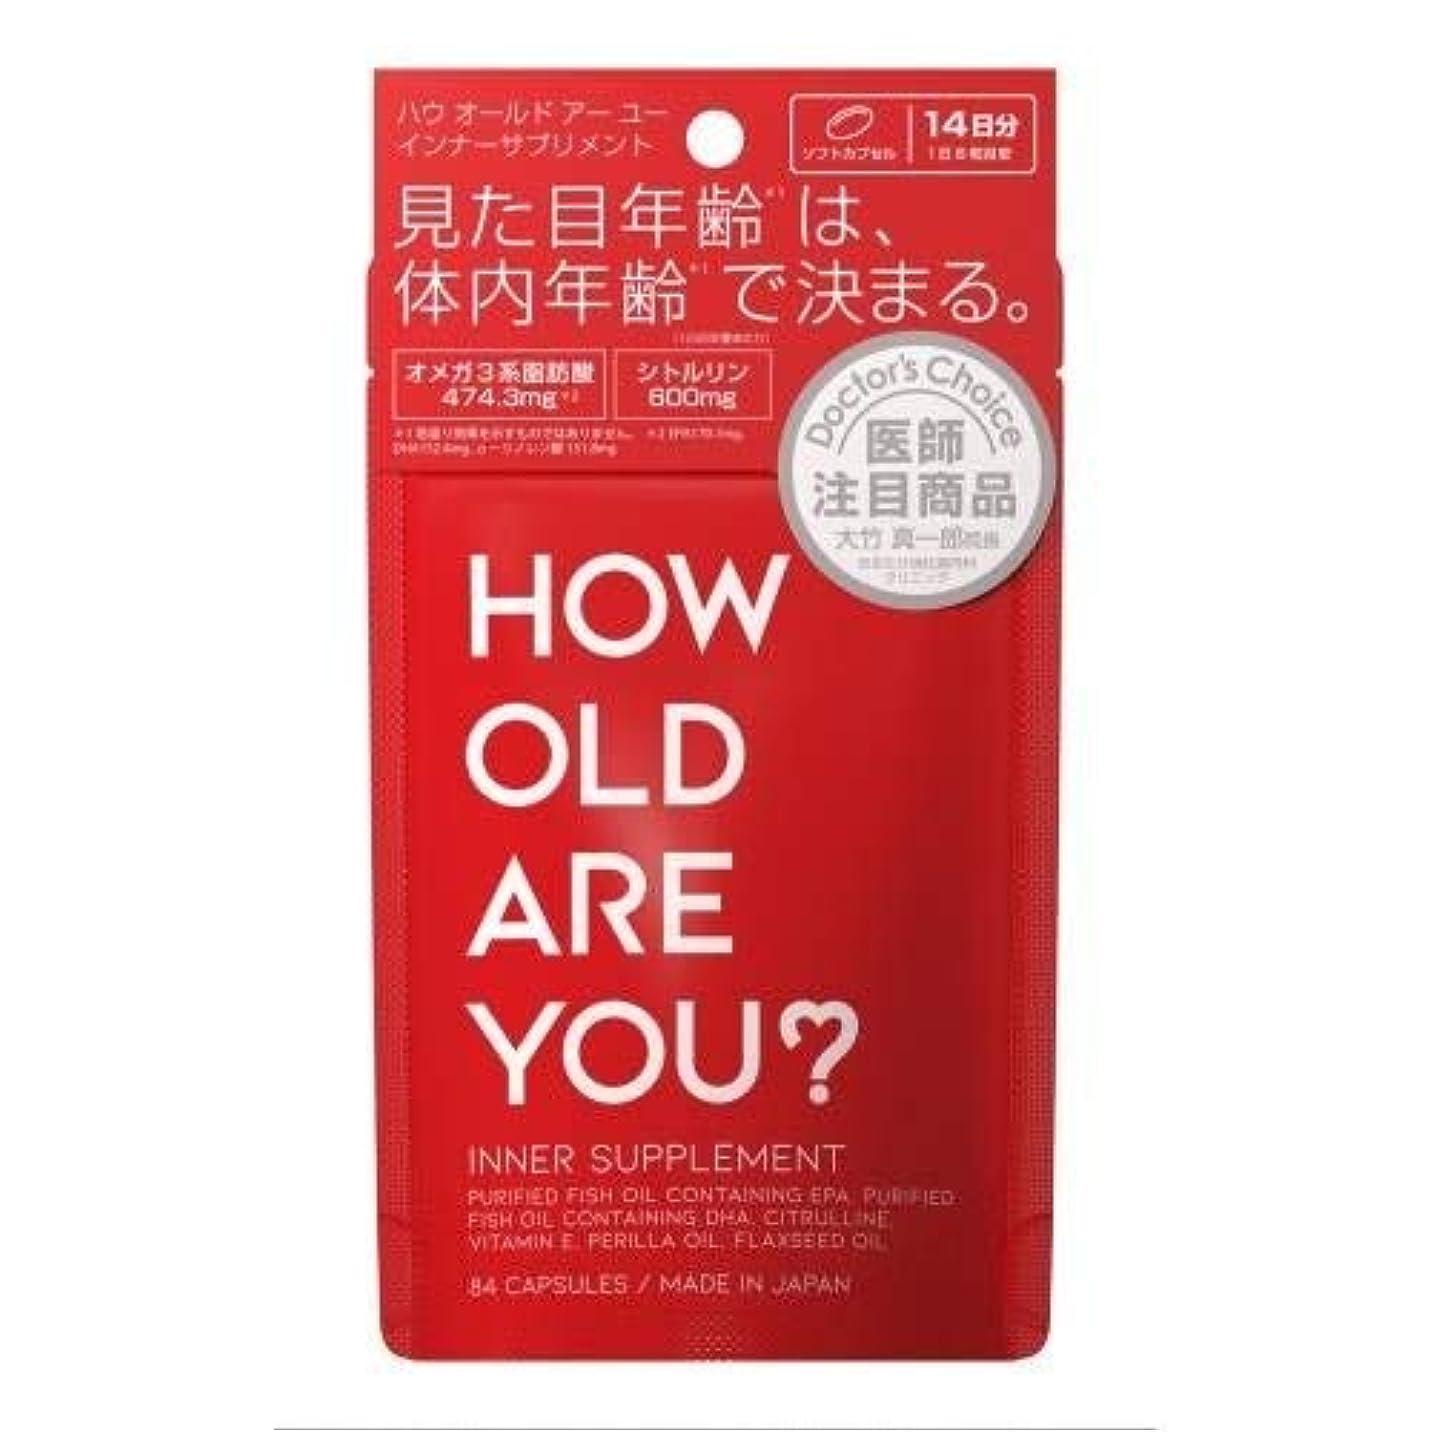 放置かけがえのない同化【2個セット】HOW OLD ARE YOU?インナーサプリメント 84粒